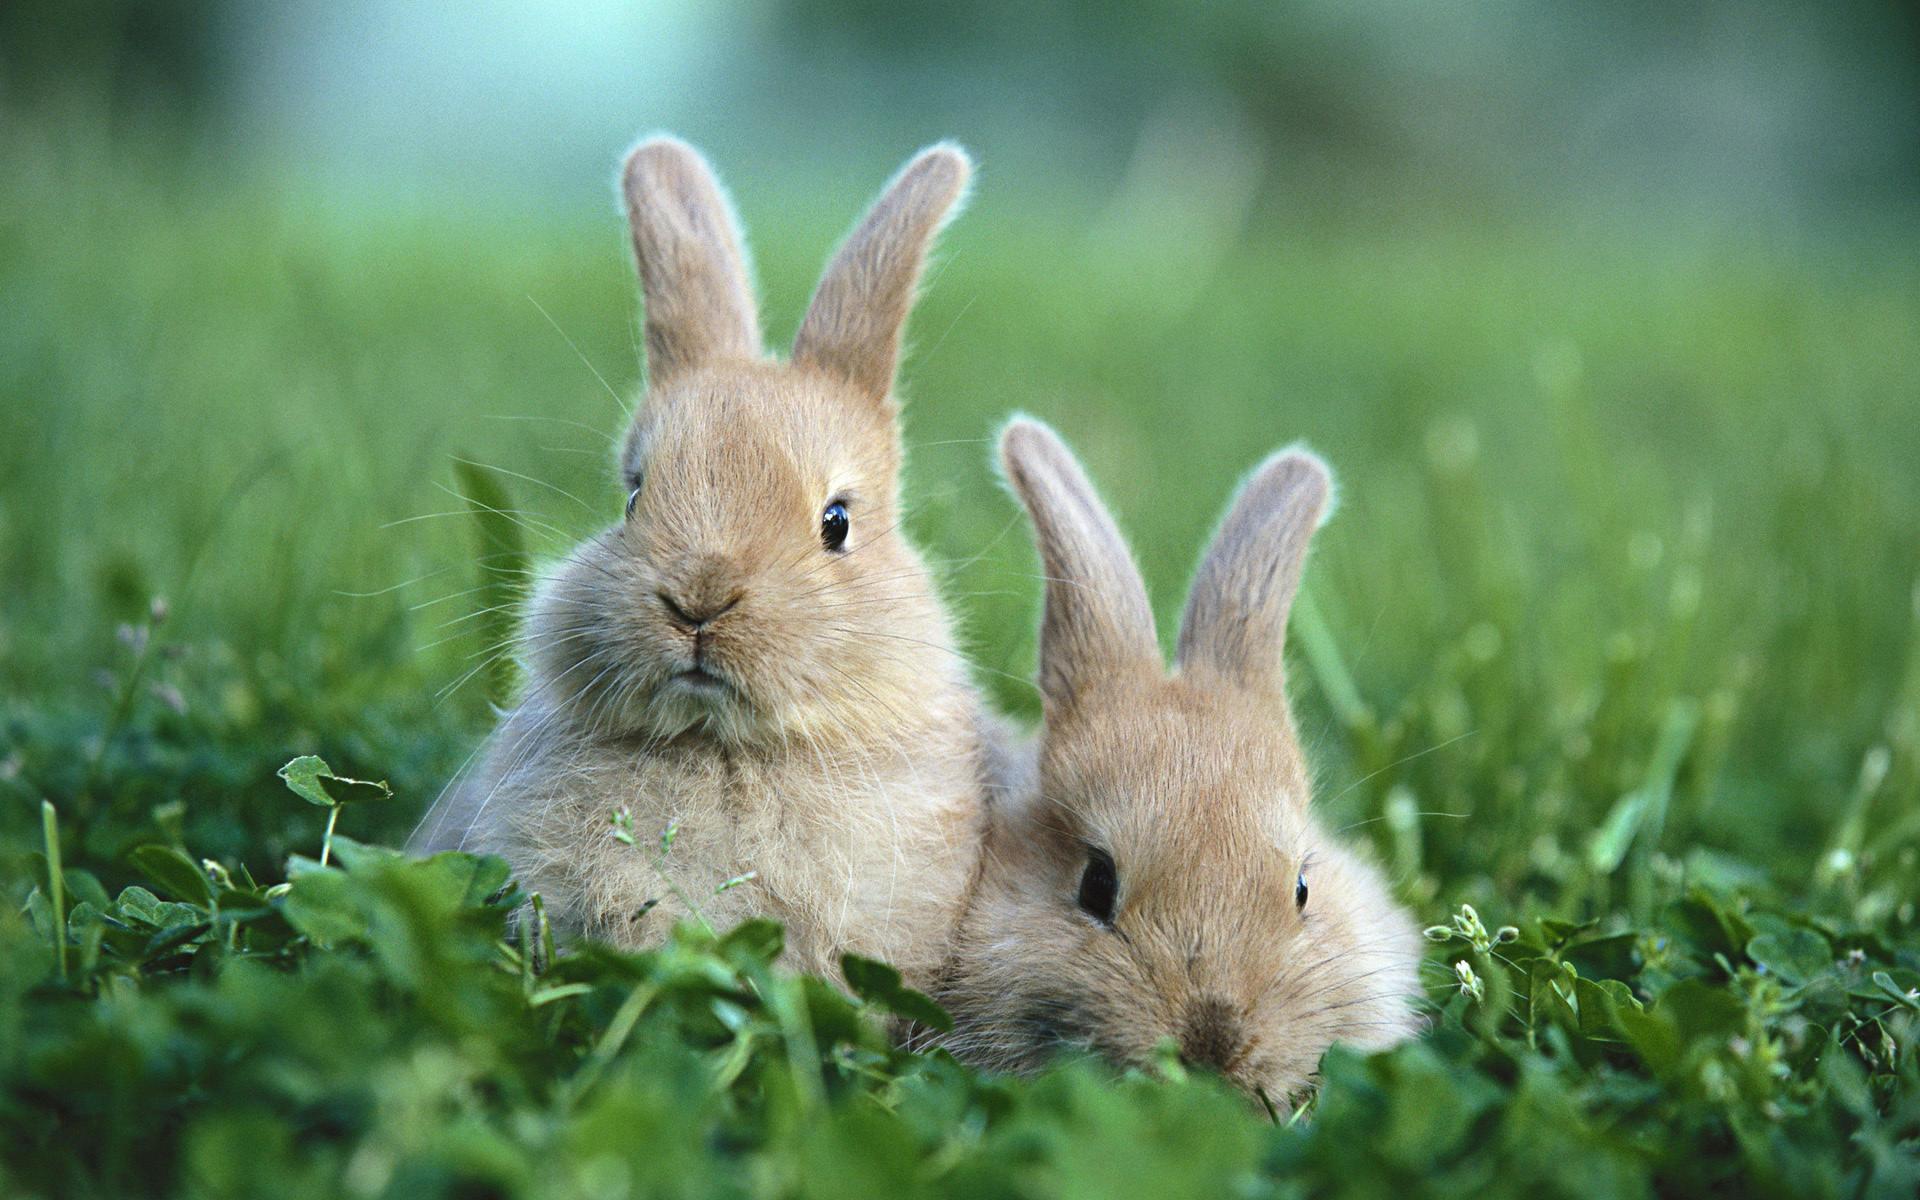 Cute Rabbit Wallpapers Rabbit Desktop Wallpapers 1080p 1920x1200